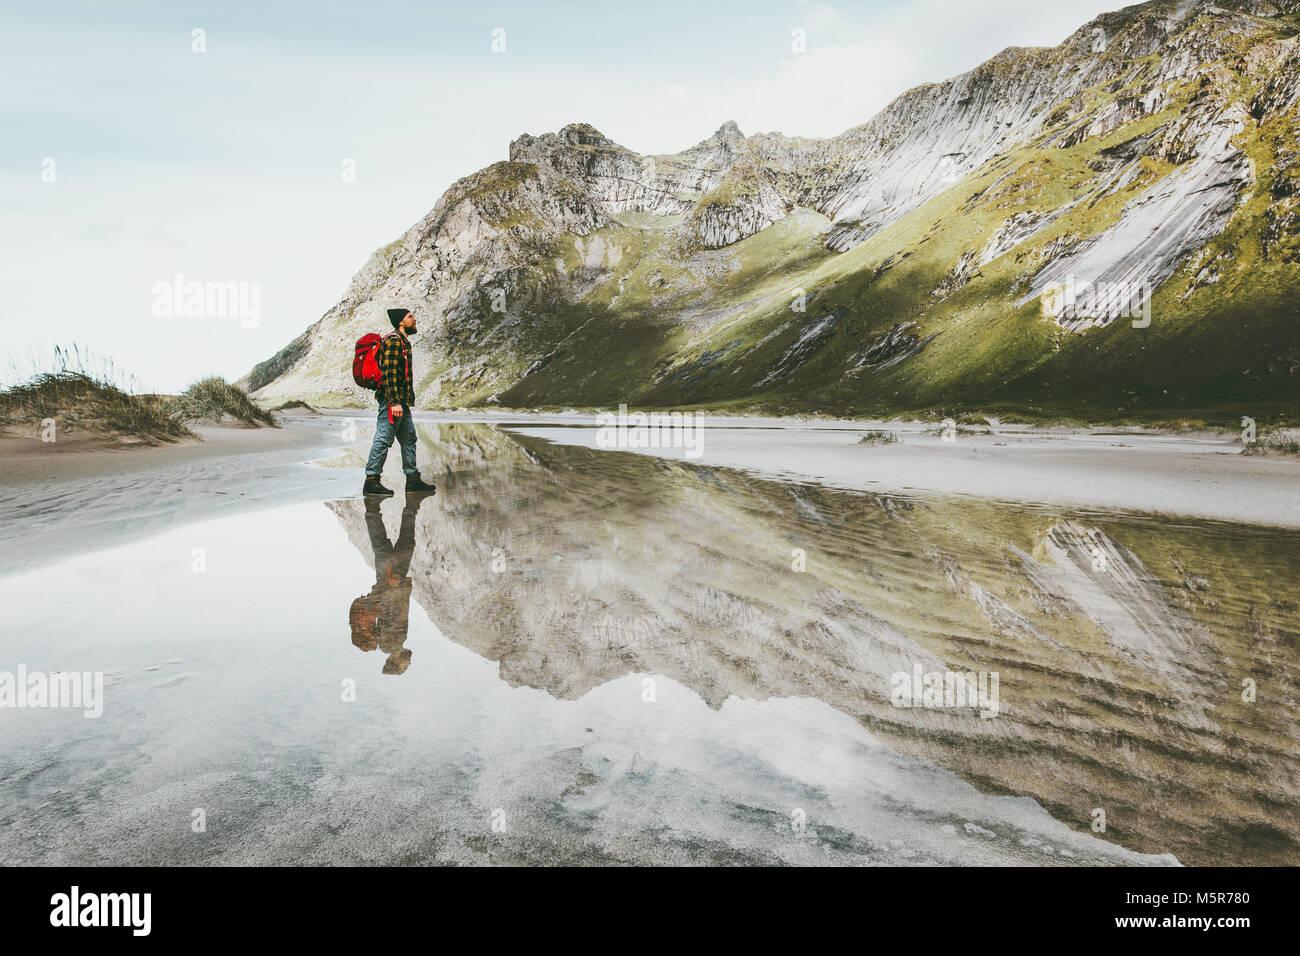 Mann alleine am Strand in den Bergen Reisen Lifestyle emotionale Konzept Abenteuer outdoor Sommer Ferien wilde Natur Stockbild